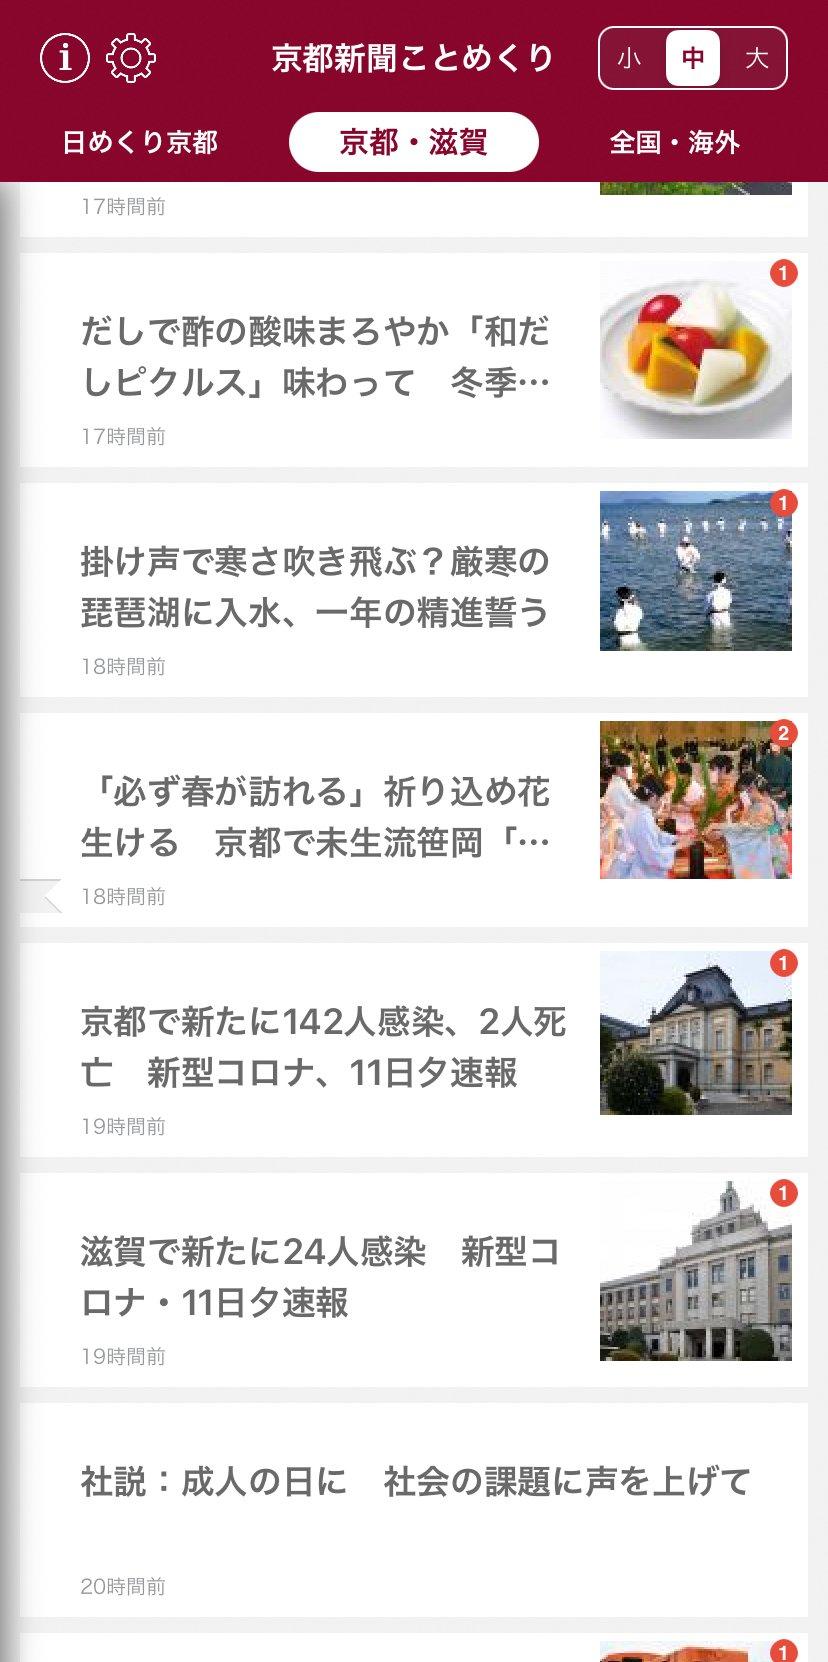 最新 京都 新聞 ニュース